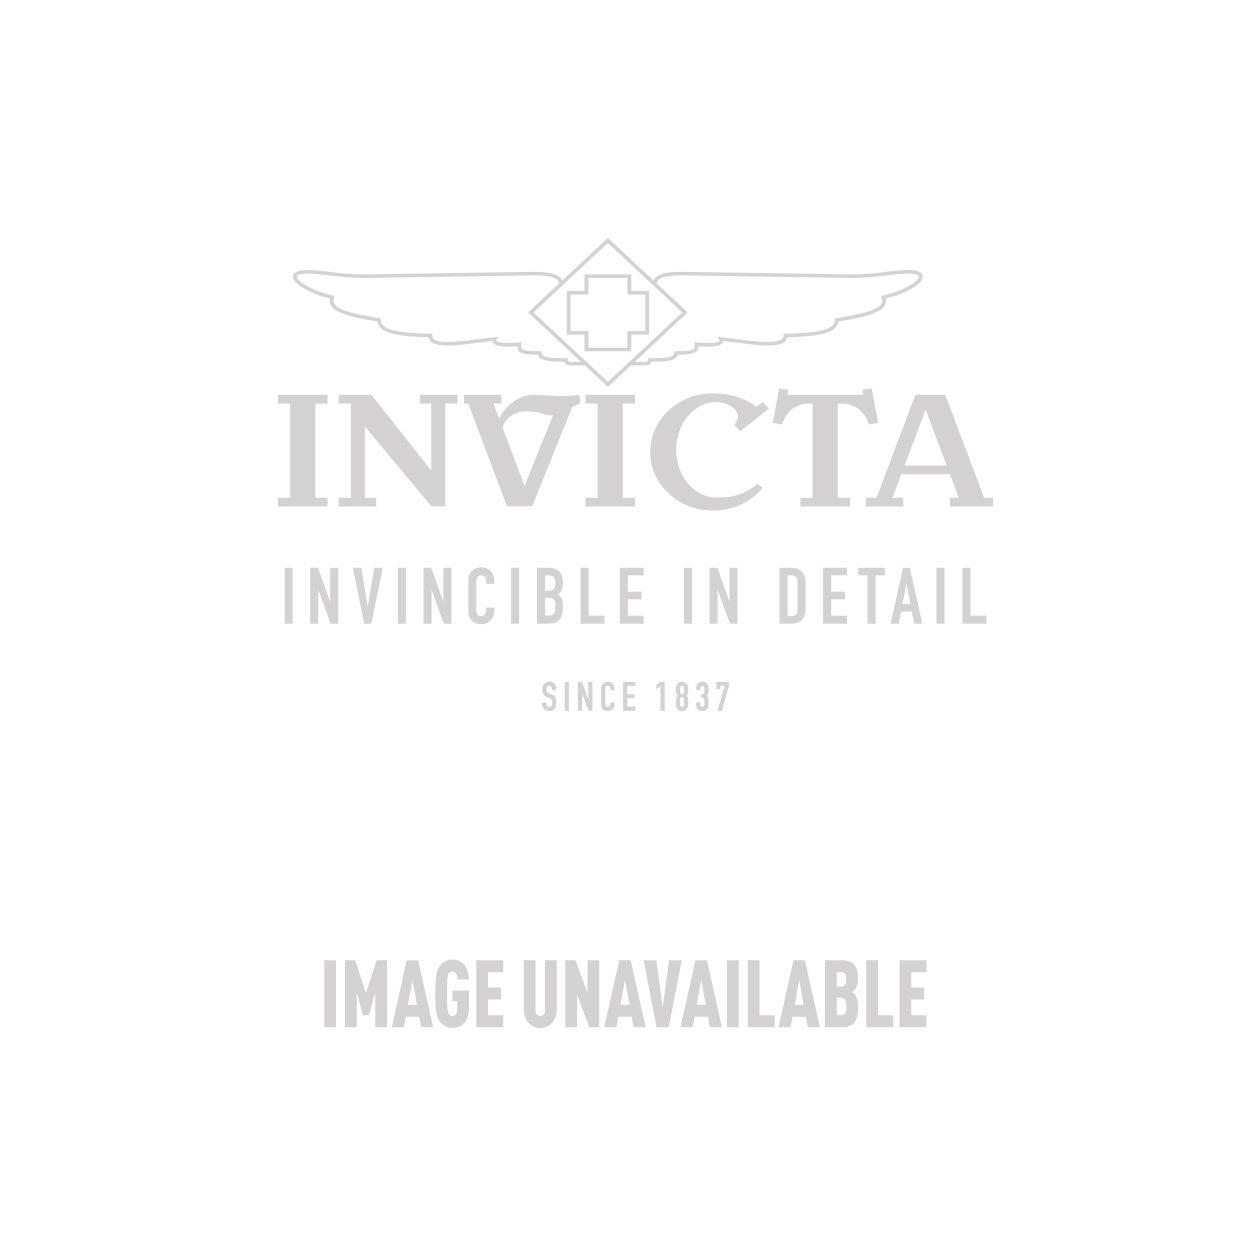 Invicta Venom Swiss Made Quartz Watch - Rose Gold, Titanium, Sandblast case with Black, Titanium tone Titanium, Polyurethane band - Model 14518